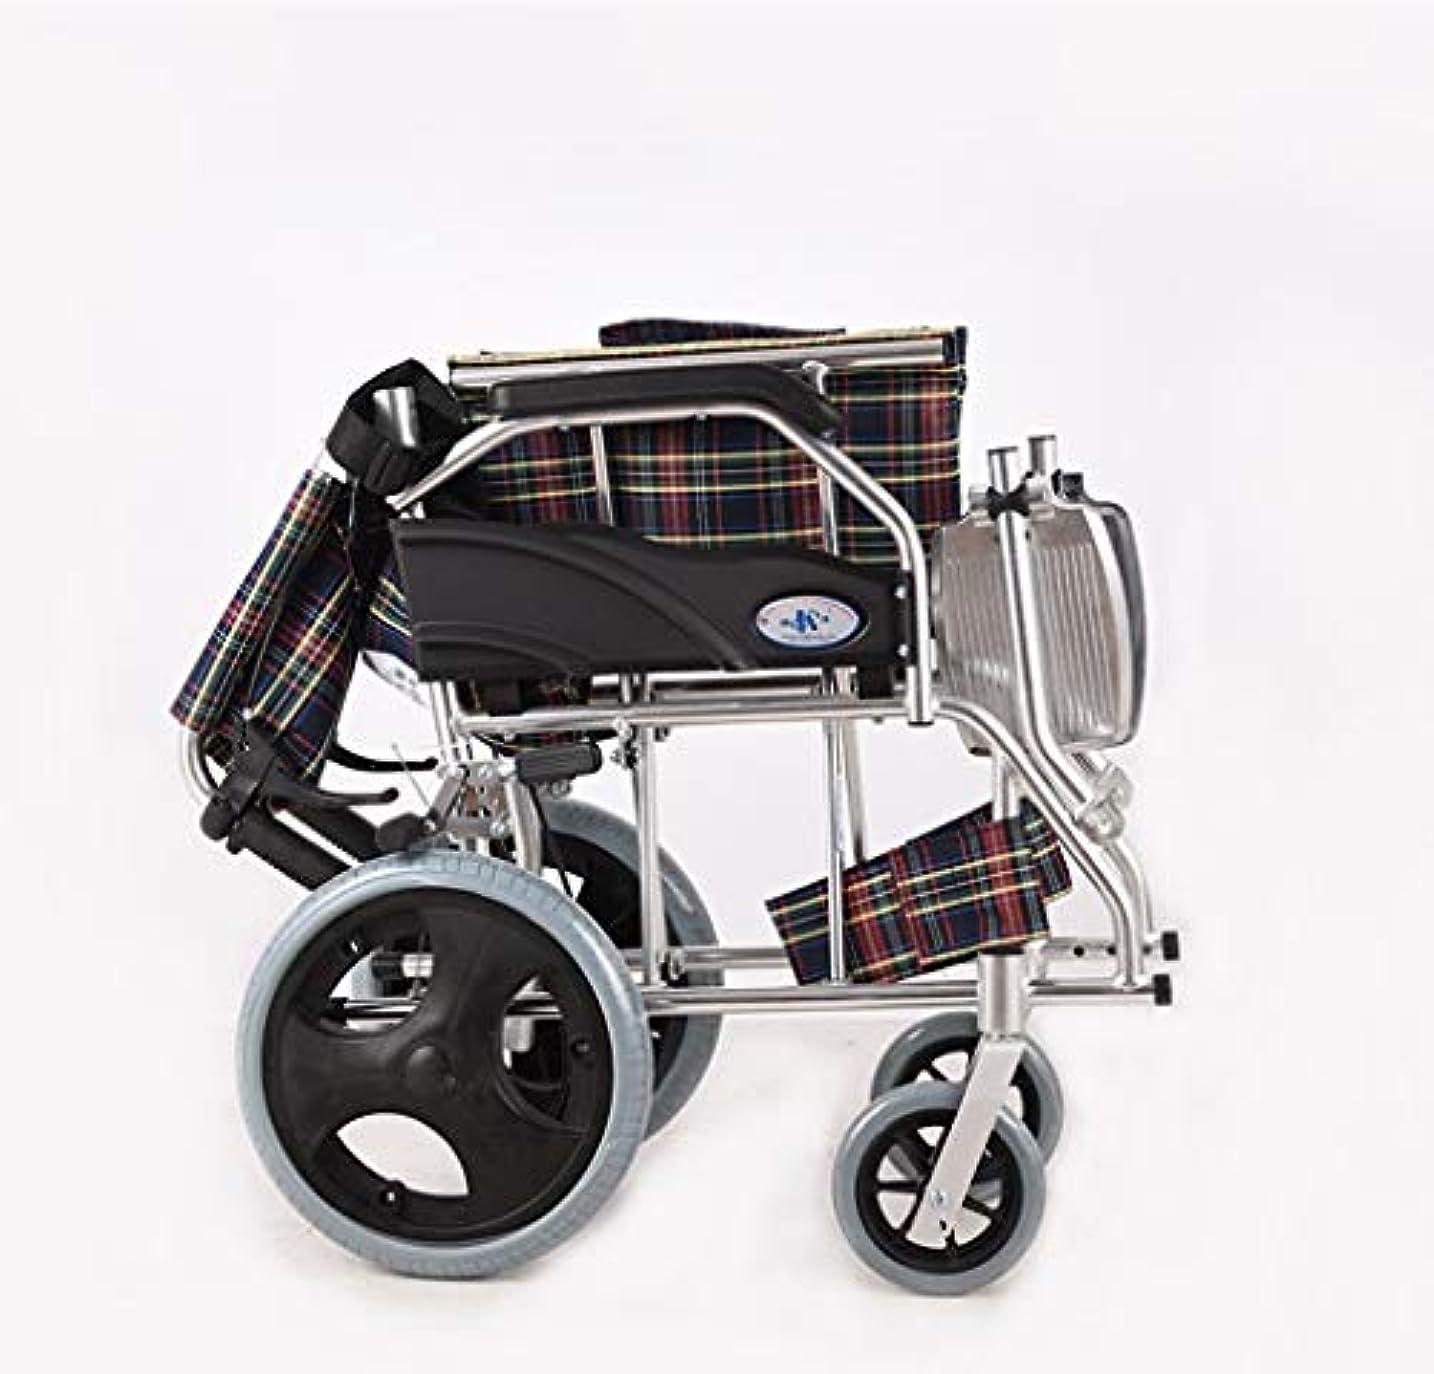 容赦ないクリスチャン原理車椅子折りたたみ式、障害者用スクーター、高齢者屋外旅行車椅子トロリー